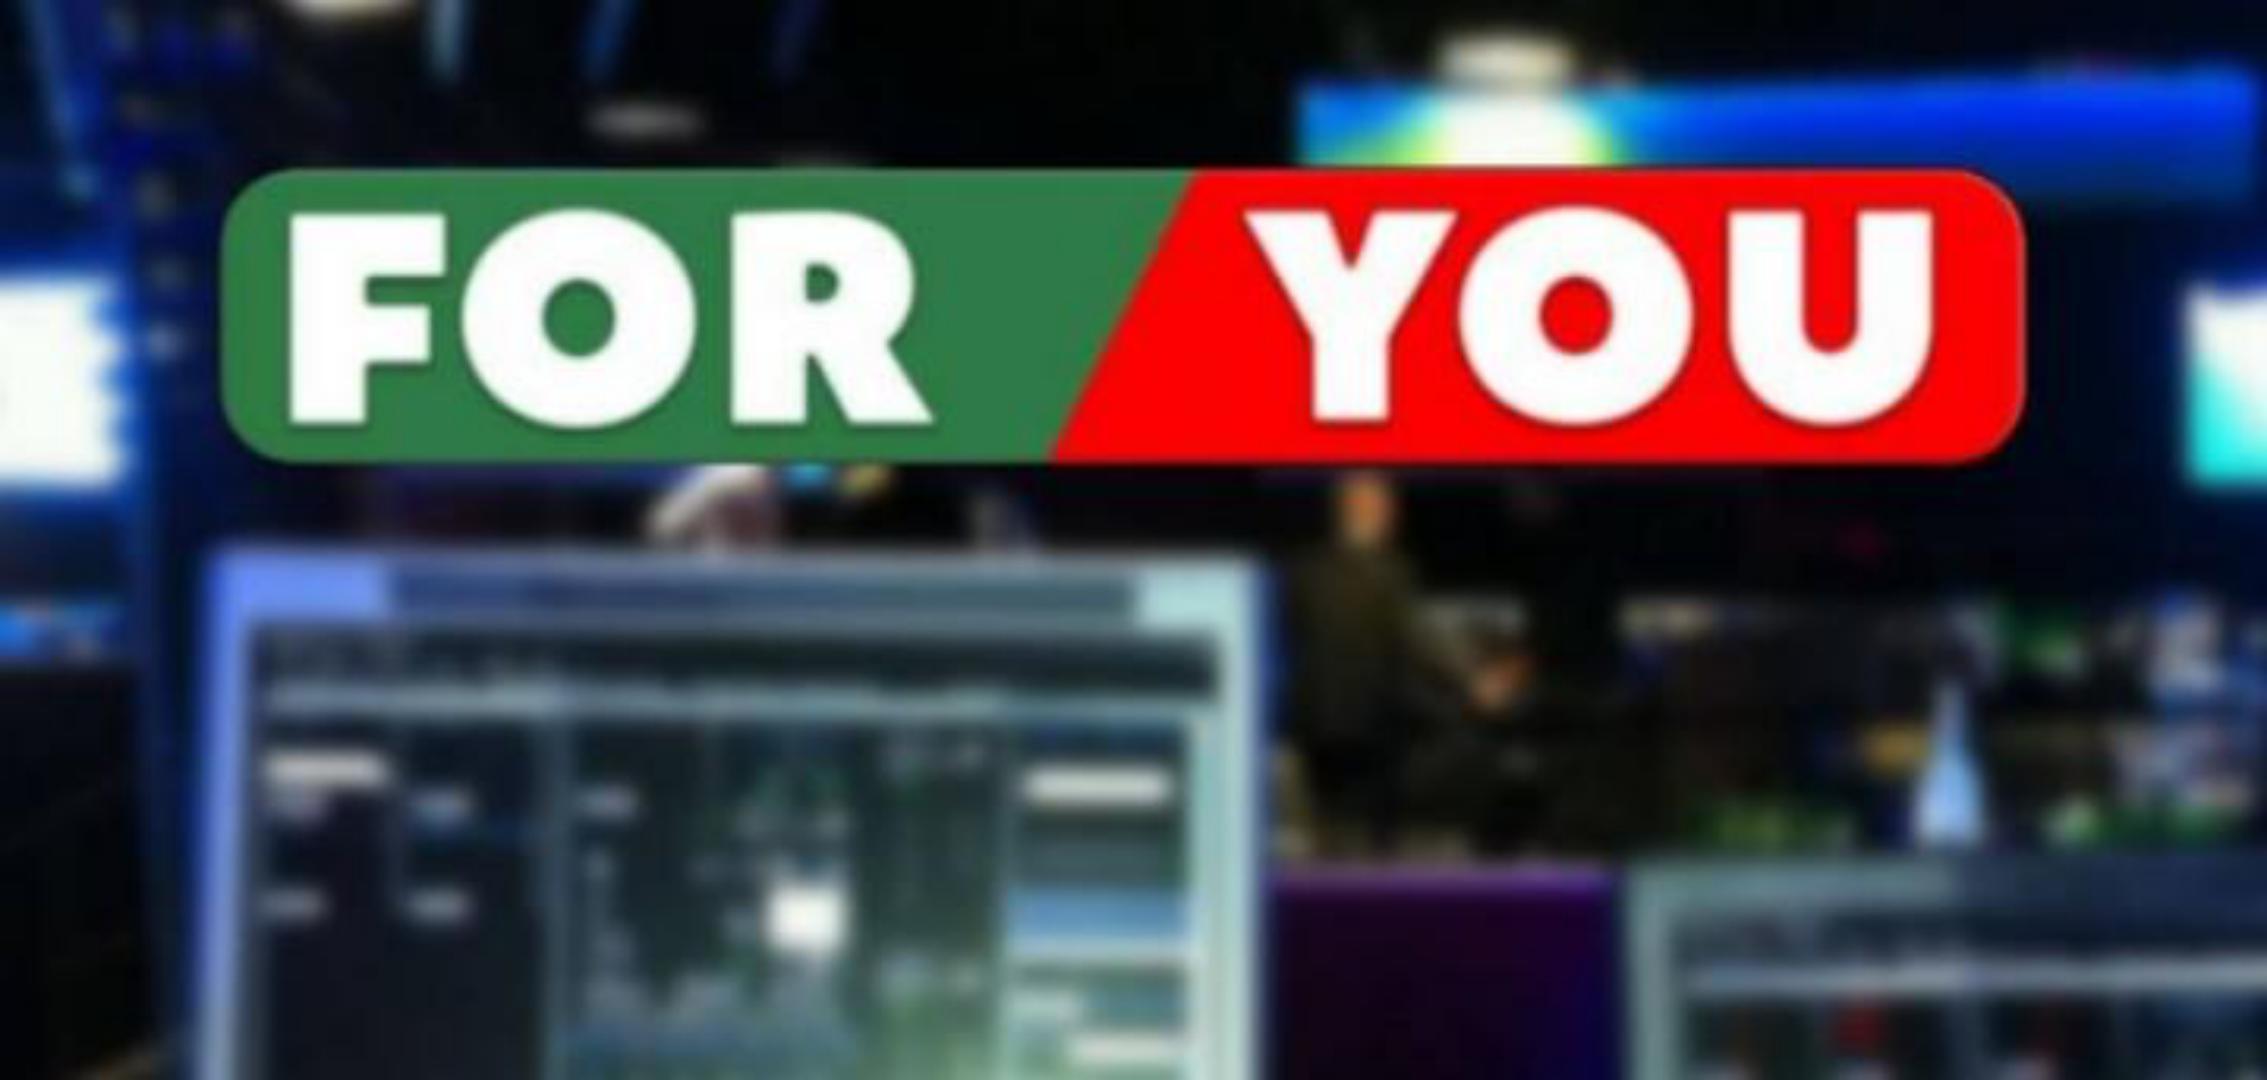 ForYou Tv, une nouvelle chaine de télé annoncée à Douala